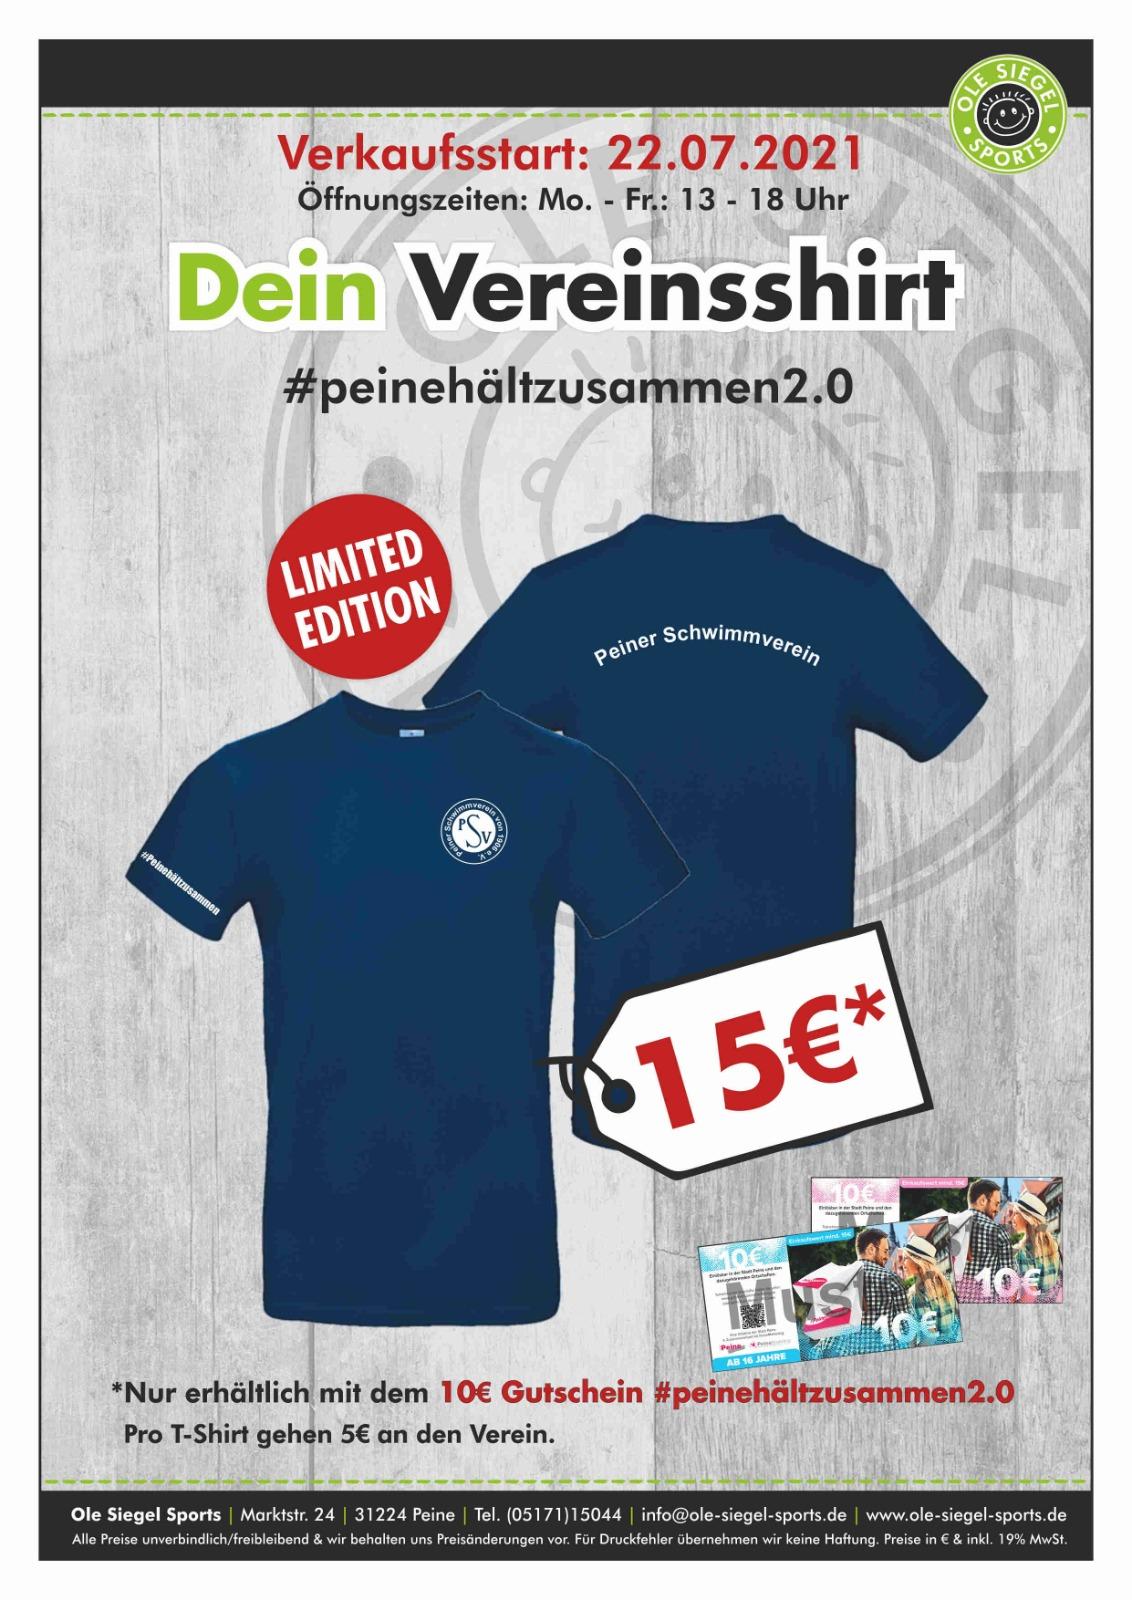 PSV-TShirt #peinehältzusammen2.0